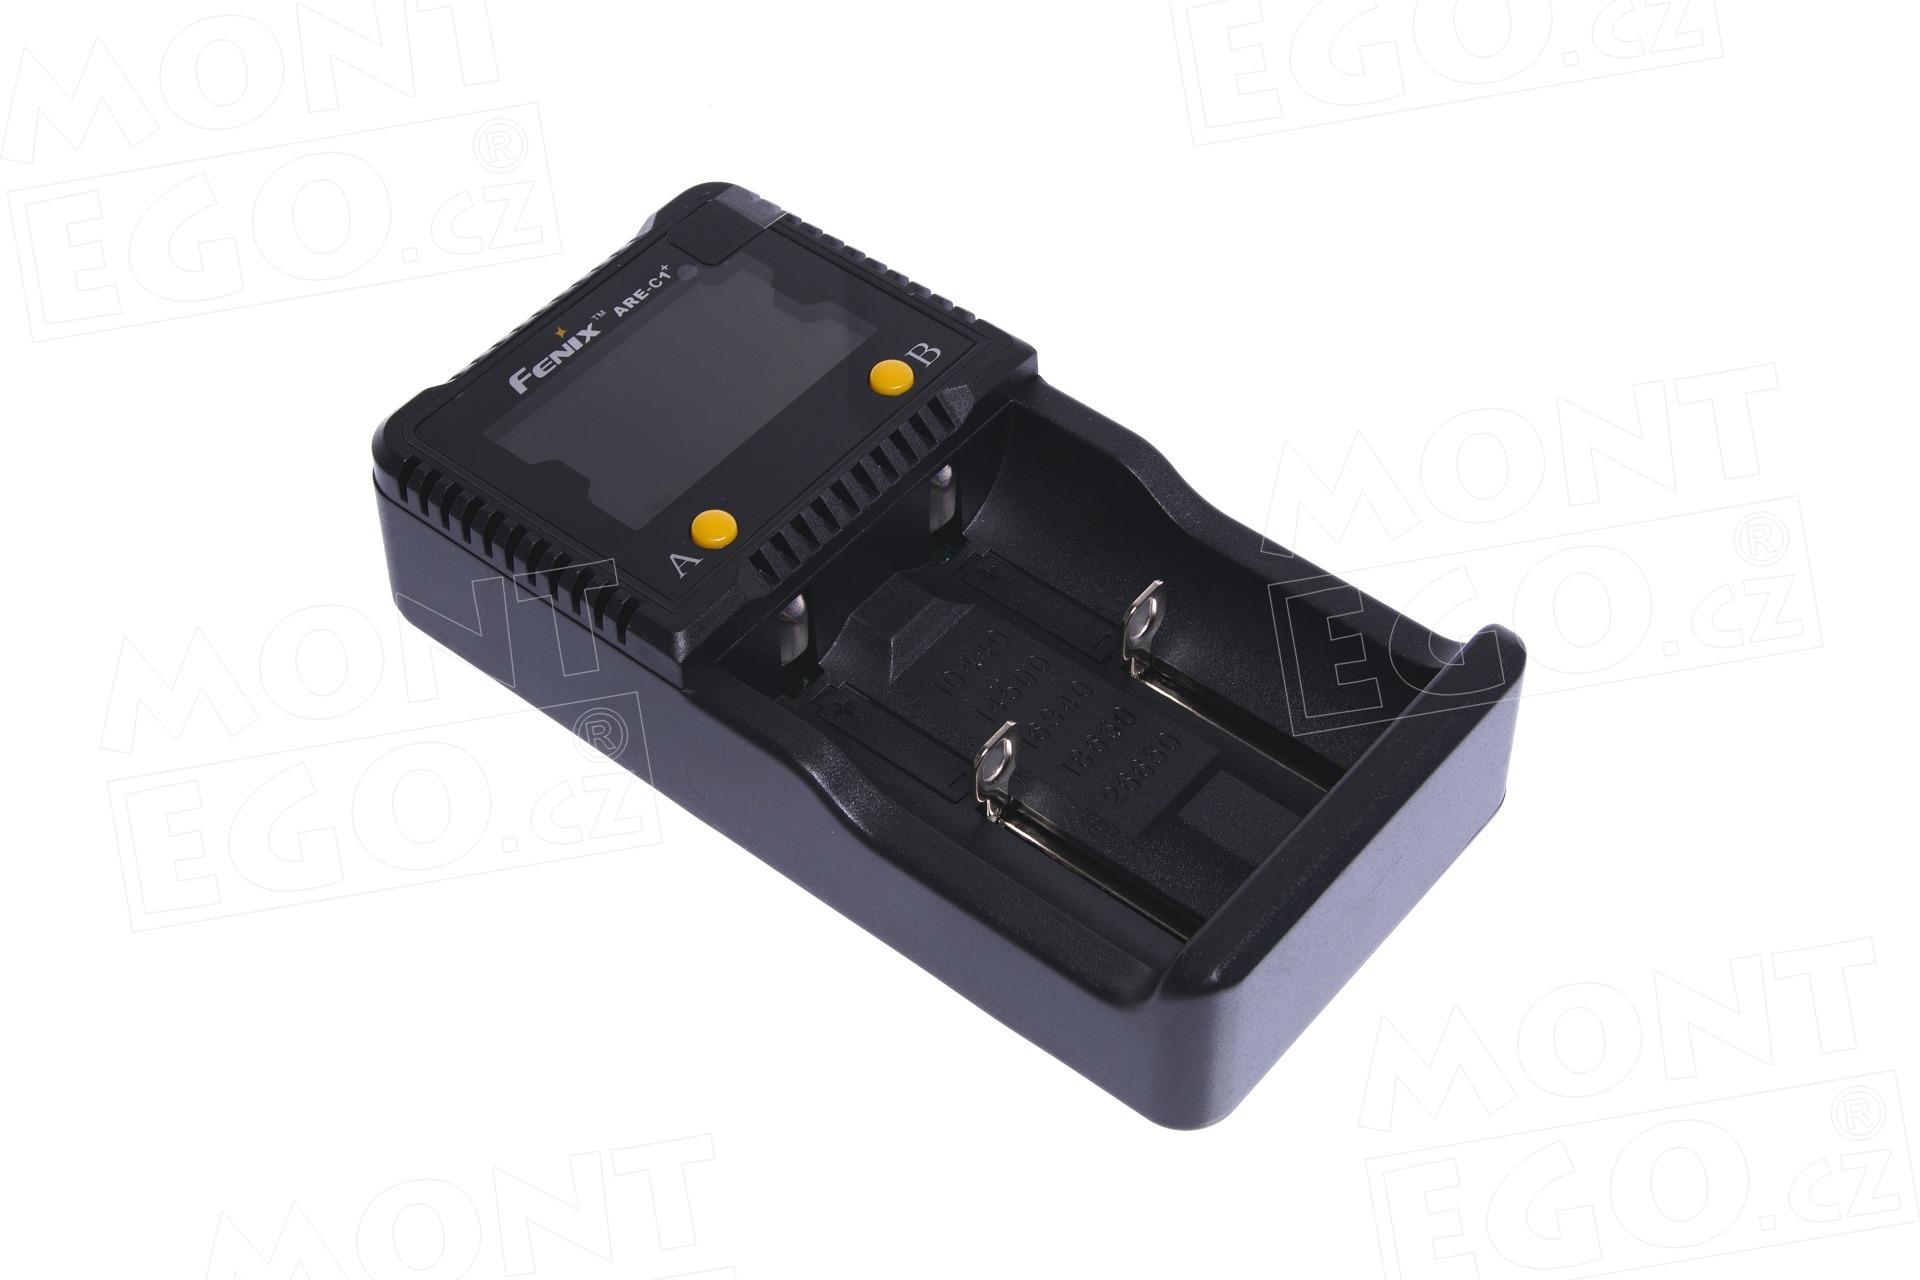 Nabíječka baterií Fenix ARE-C1+, pro 2 baterie (Li-Ion, NiMH, NiCd)